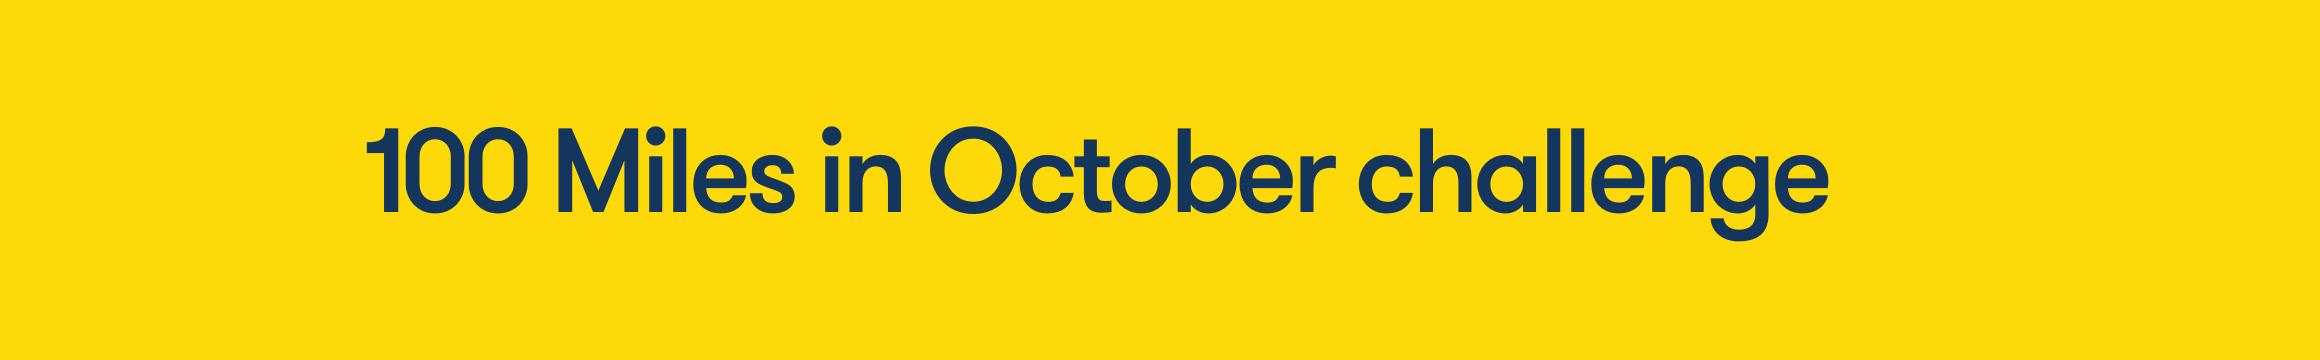 100miles in October challenge 2021